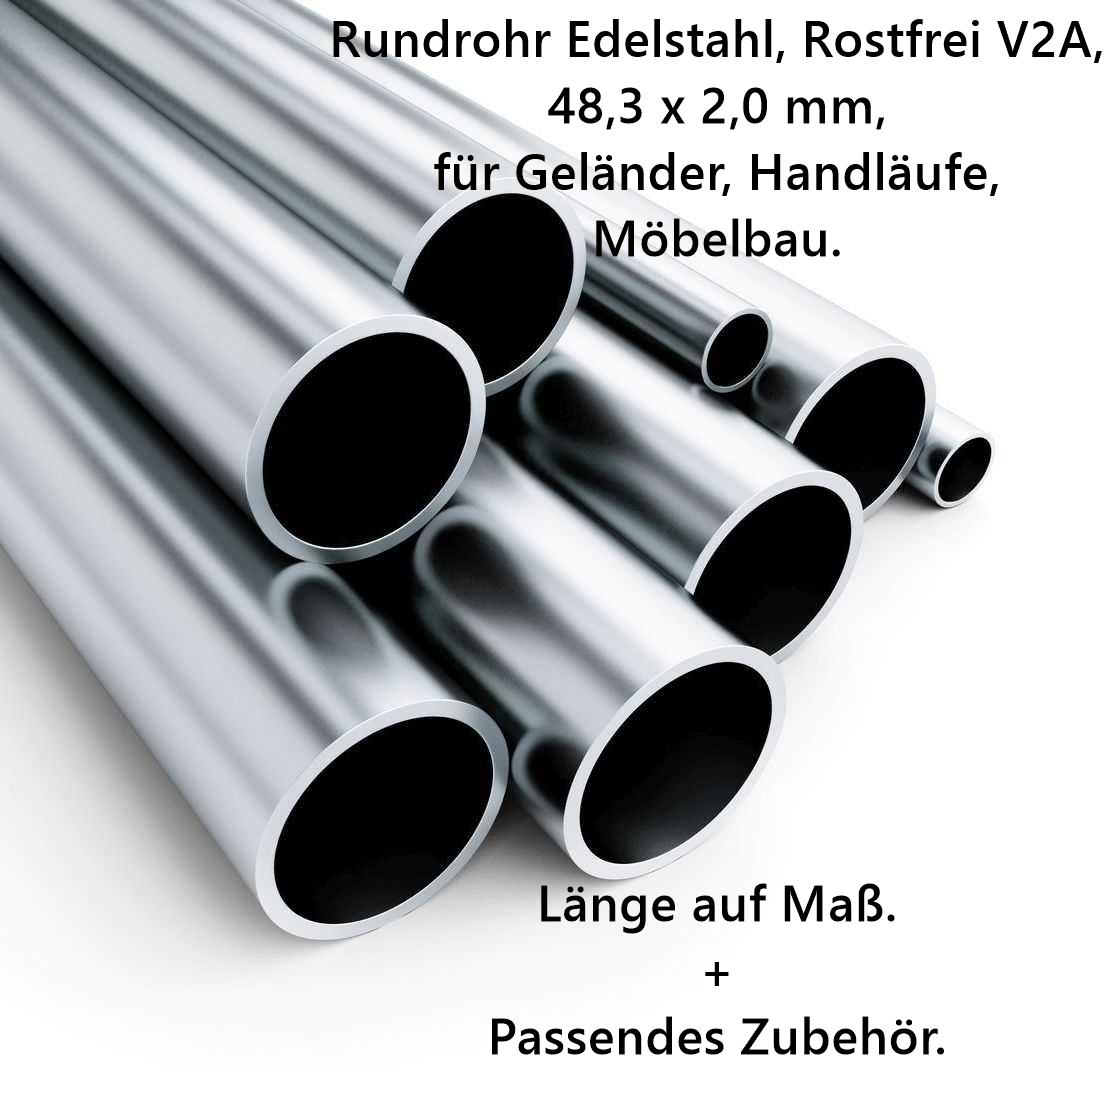 edelstahlrohr 48 3 x 2 0 mm v2a zuschnitte auf ma deutschland. Black Bedroom Furniture Sets. Home Design Ideas